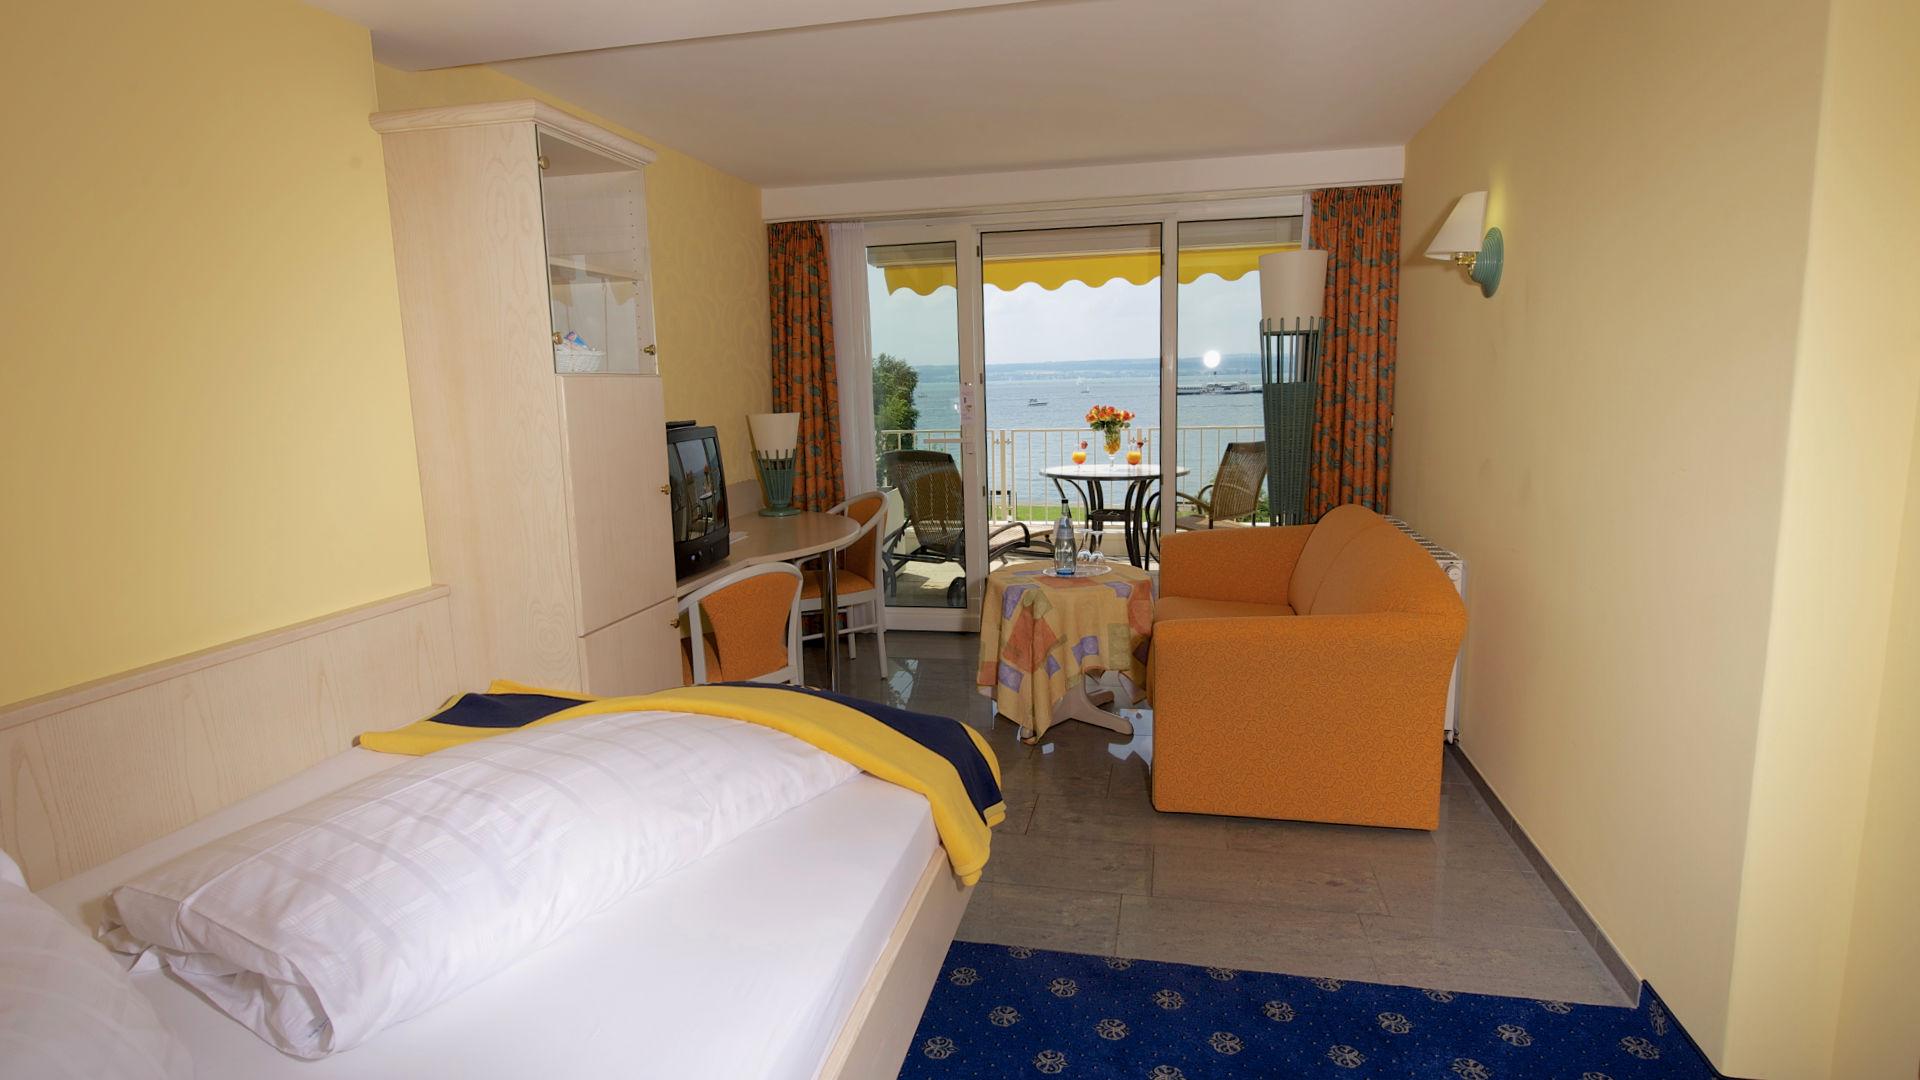 Blick auf Zimmer und See Einzelzimmer mit Wohnbereich, Balkon und Seeblick